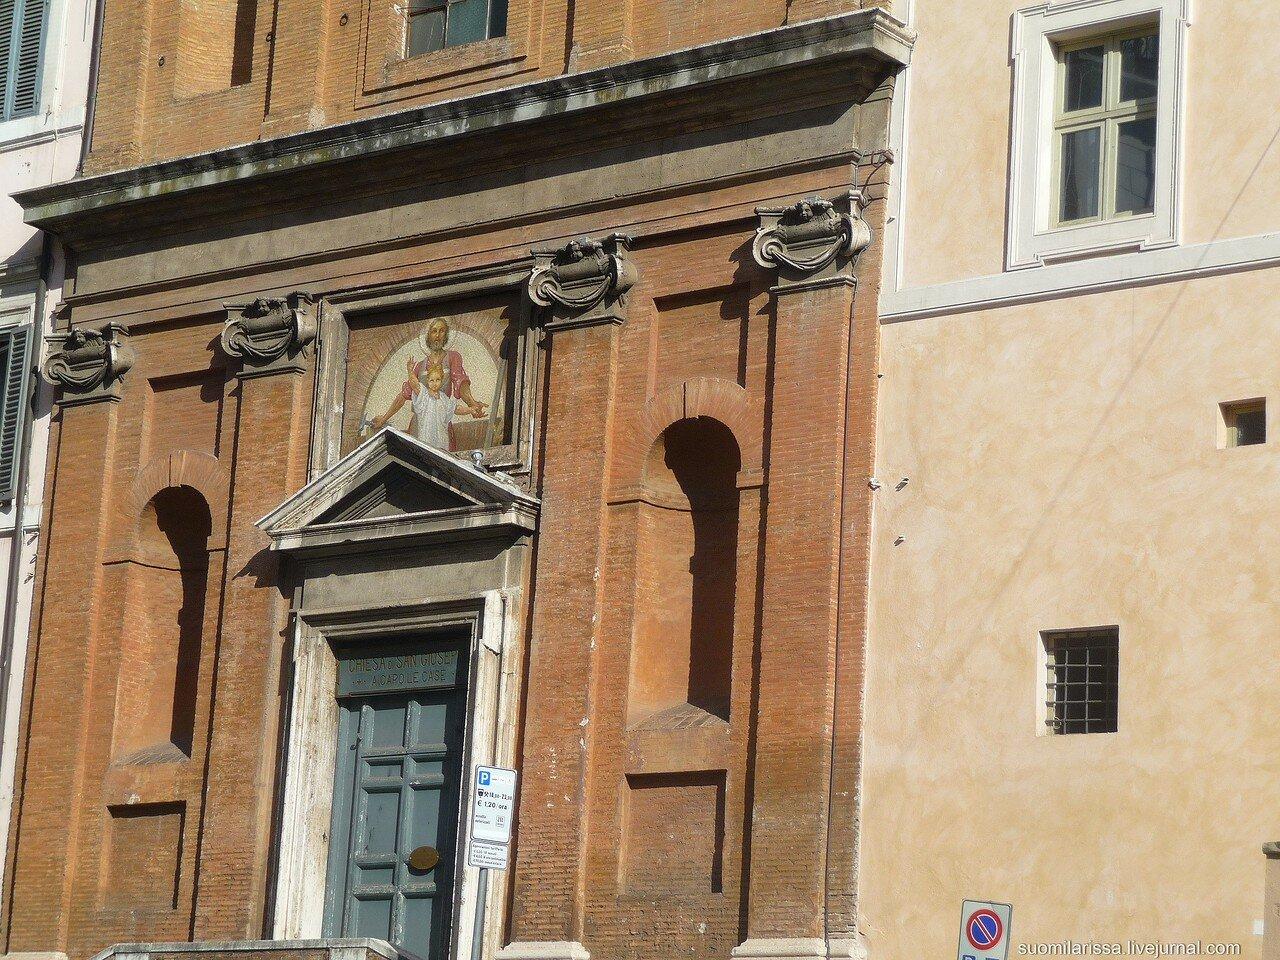 Церковь San Giuseppe a Capo le Case.